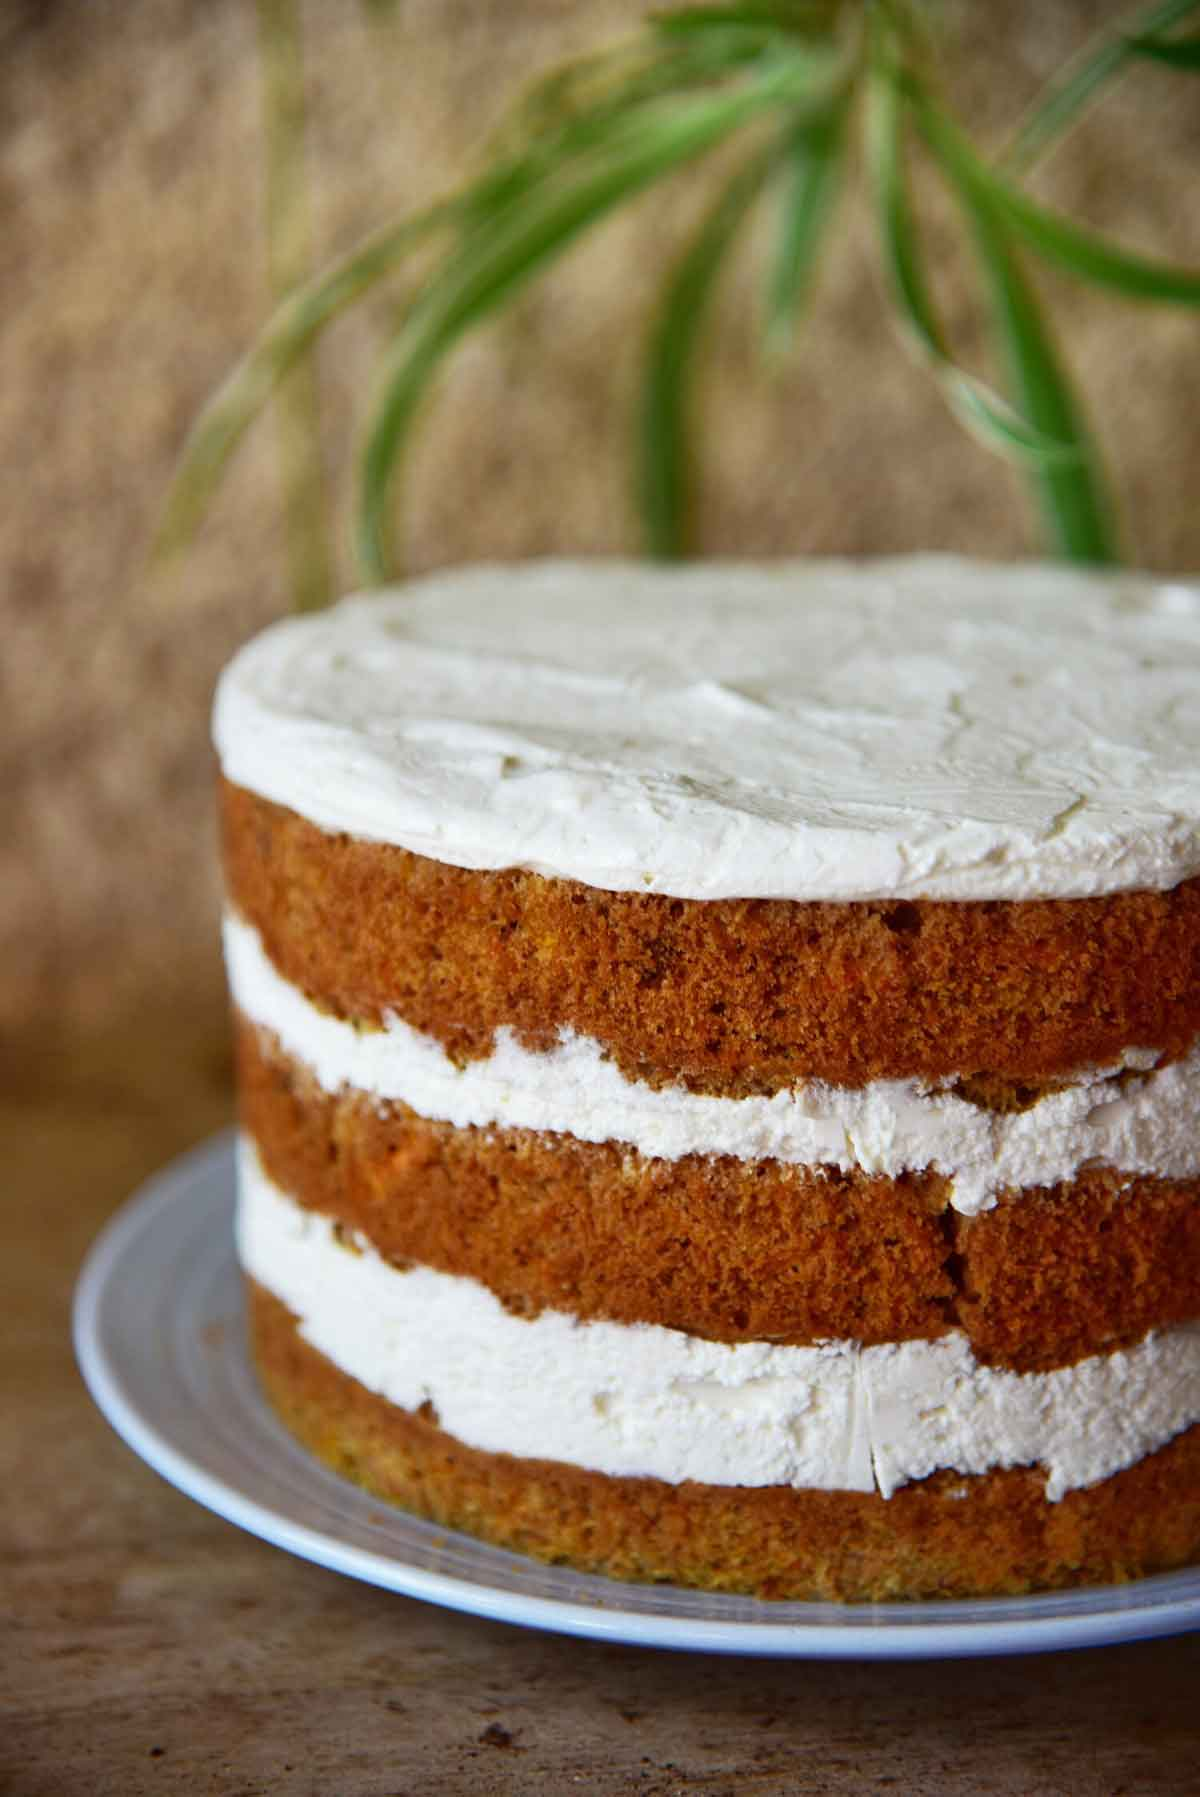 עוגת גזר וקרם שמנת חמוצה